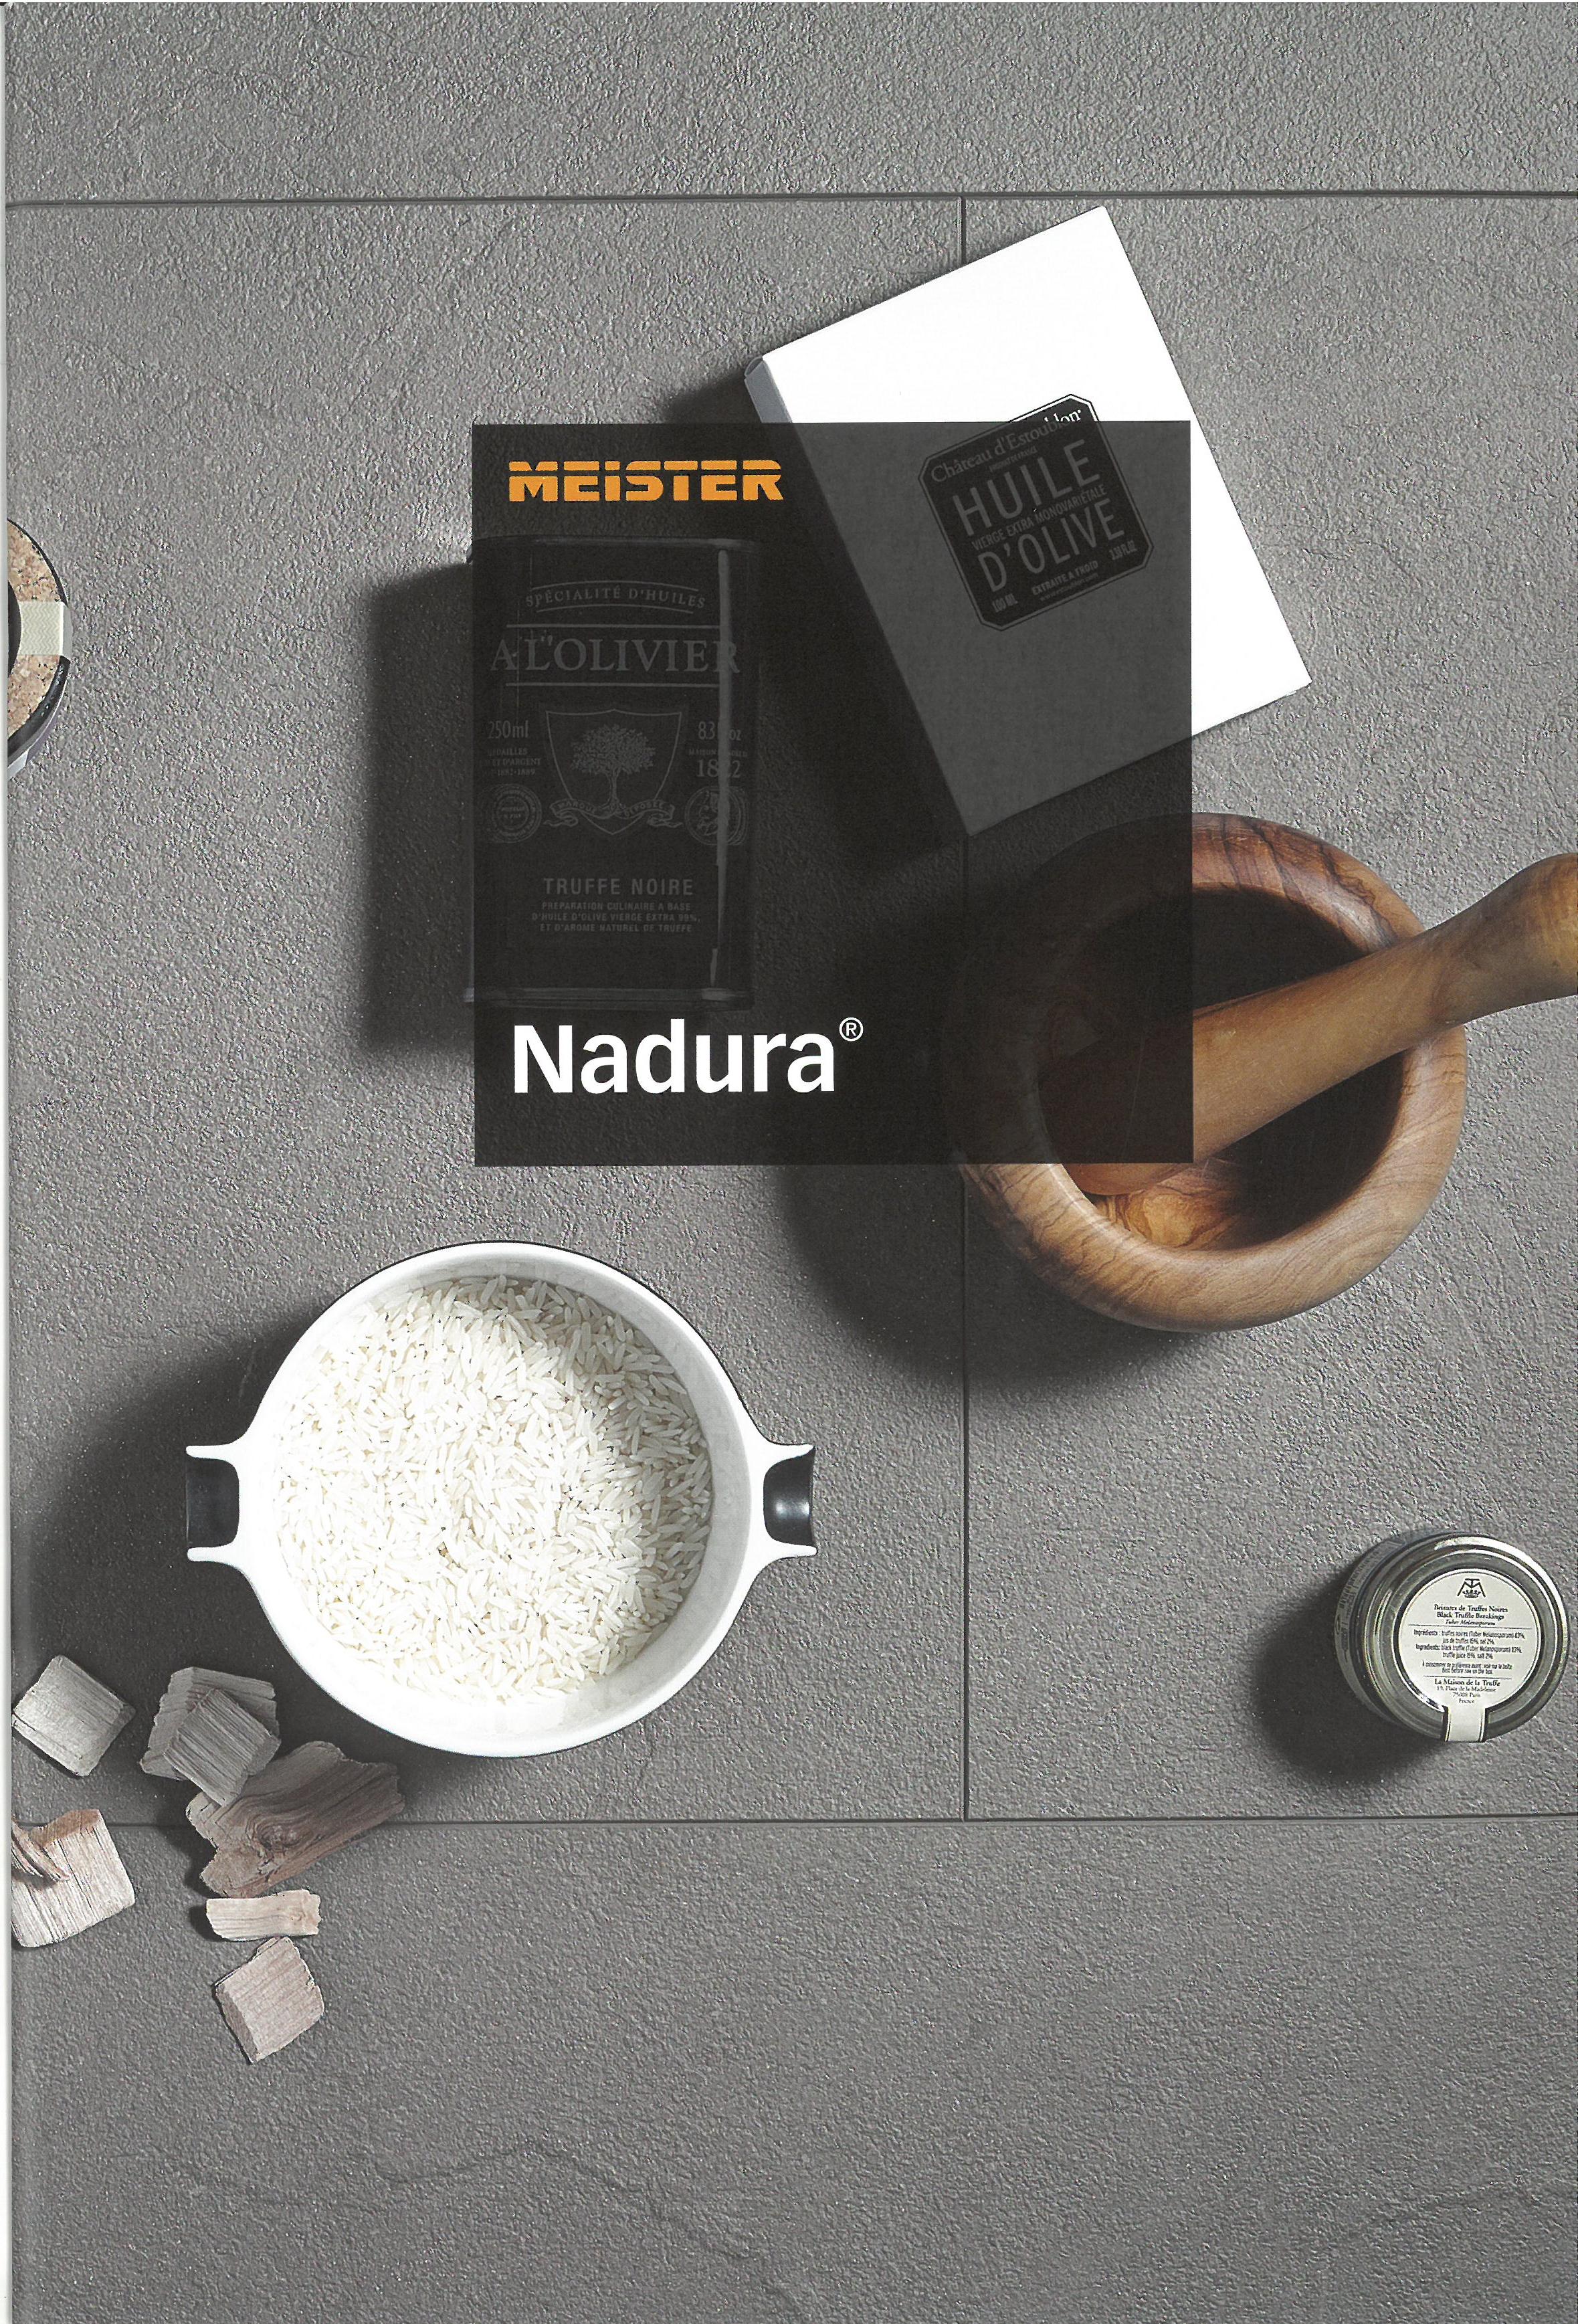 Nadura